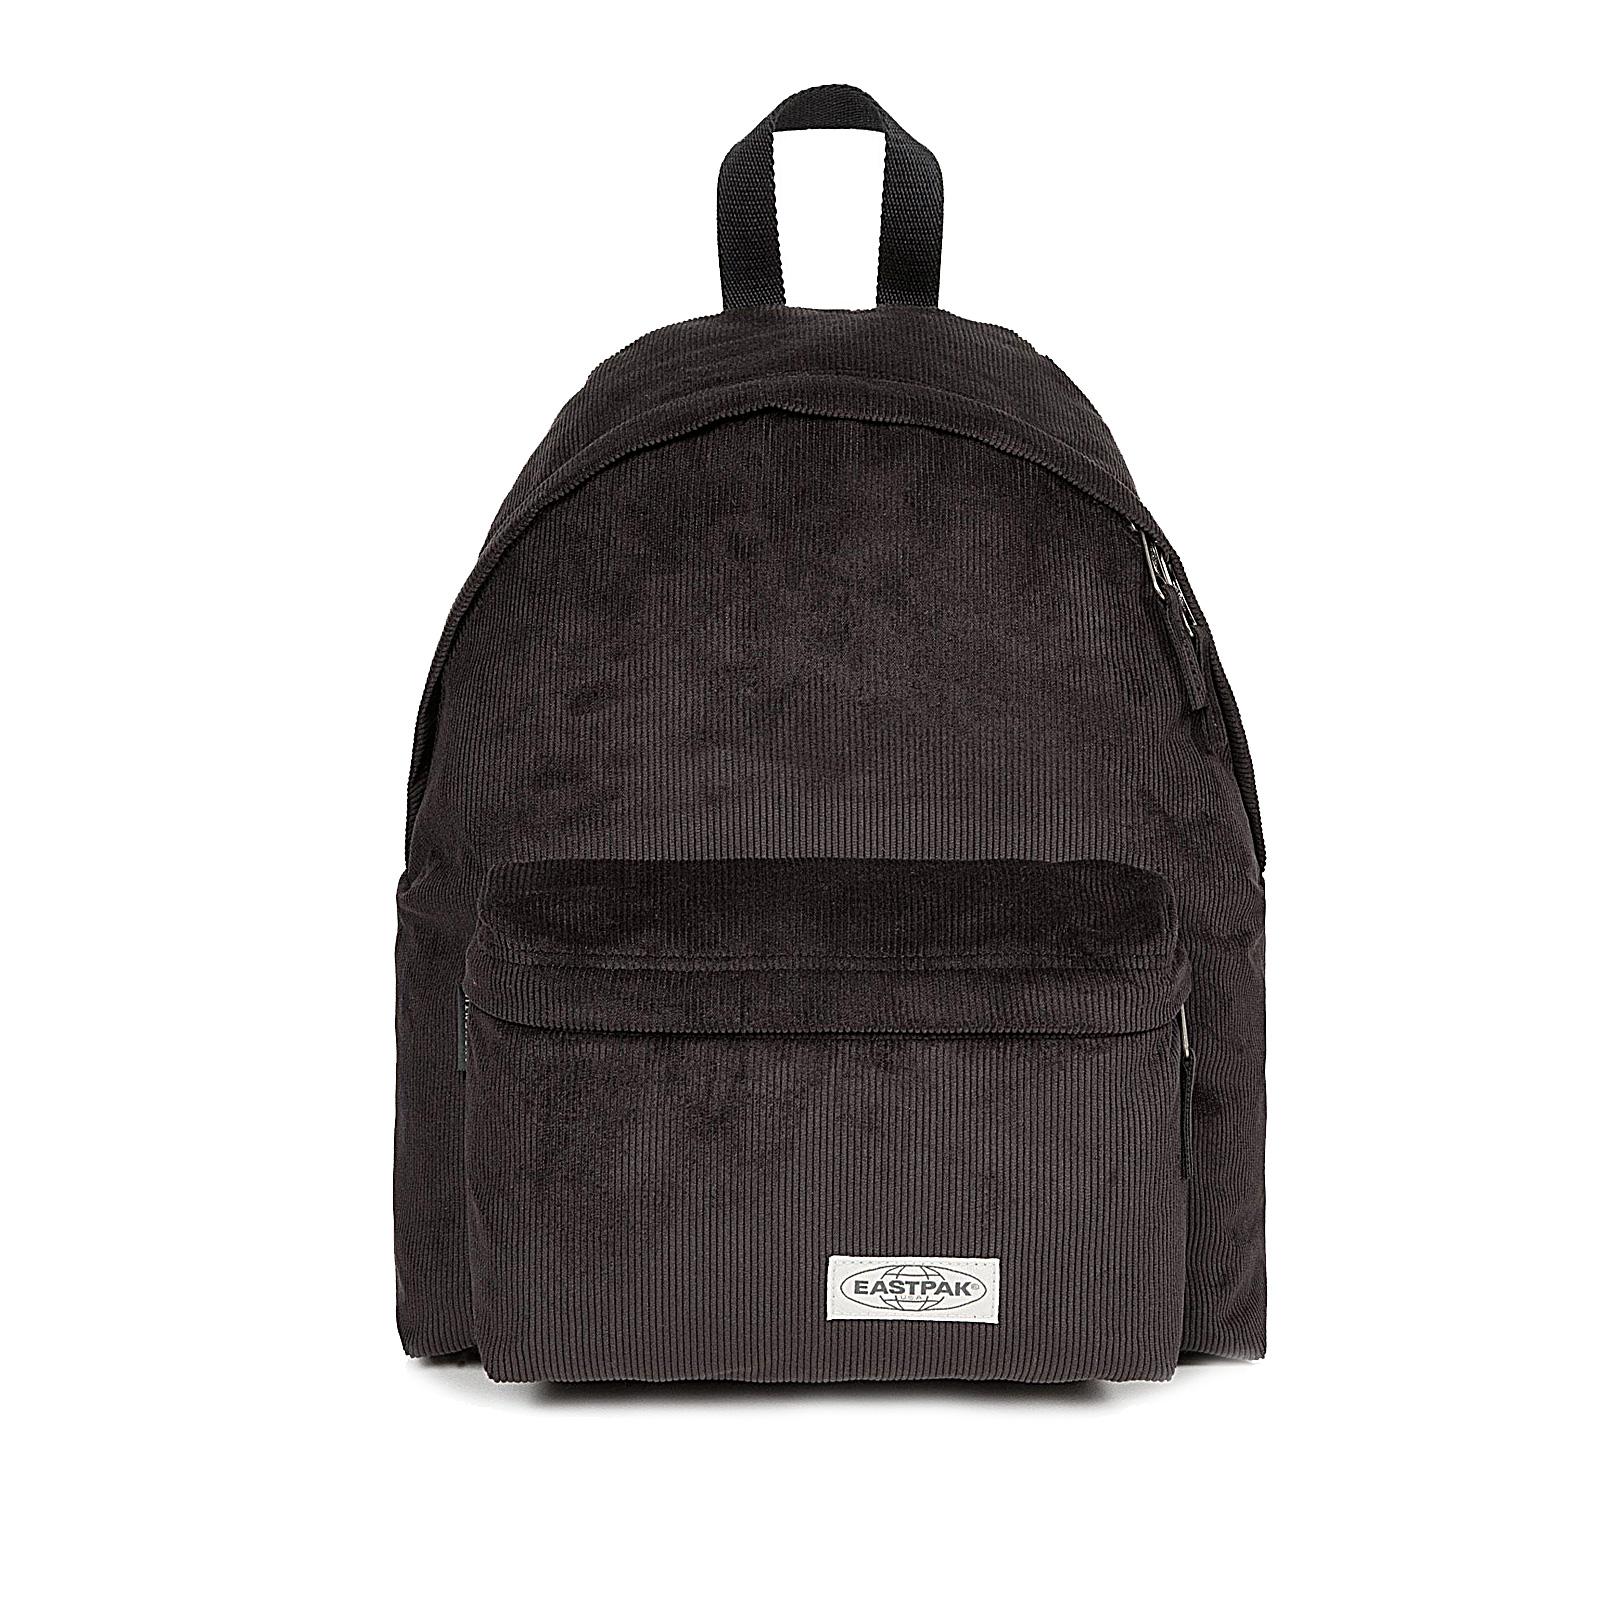 Eastpak - PADDED PAK'R COMFY BLACK - COMFY BLACK